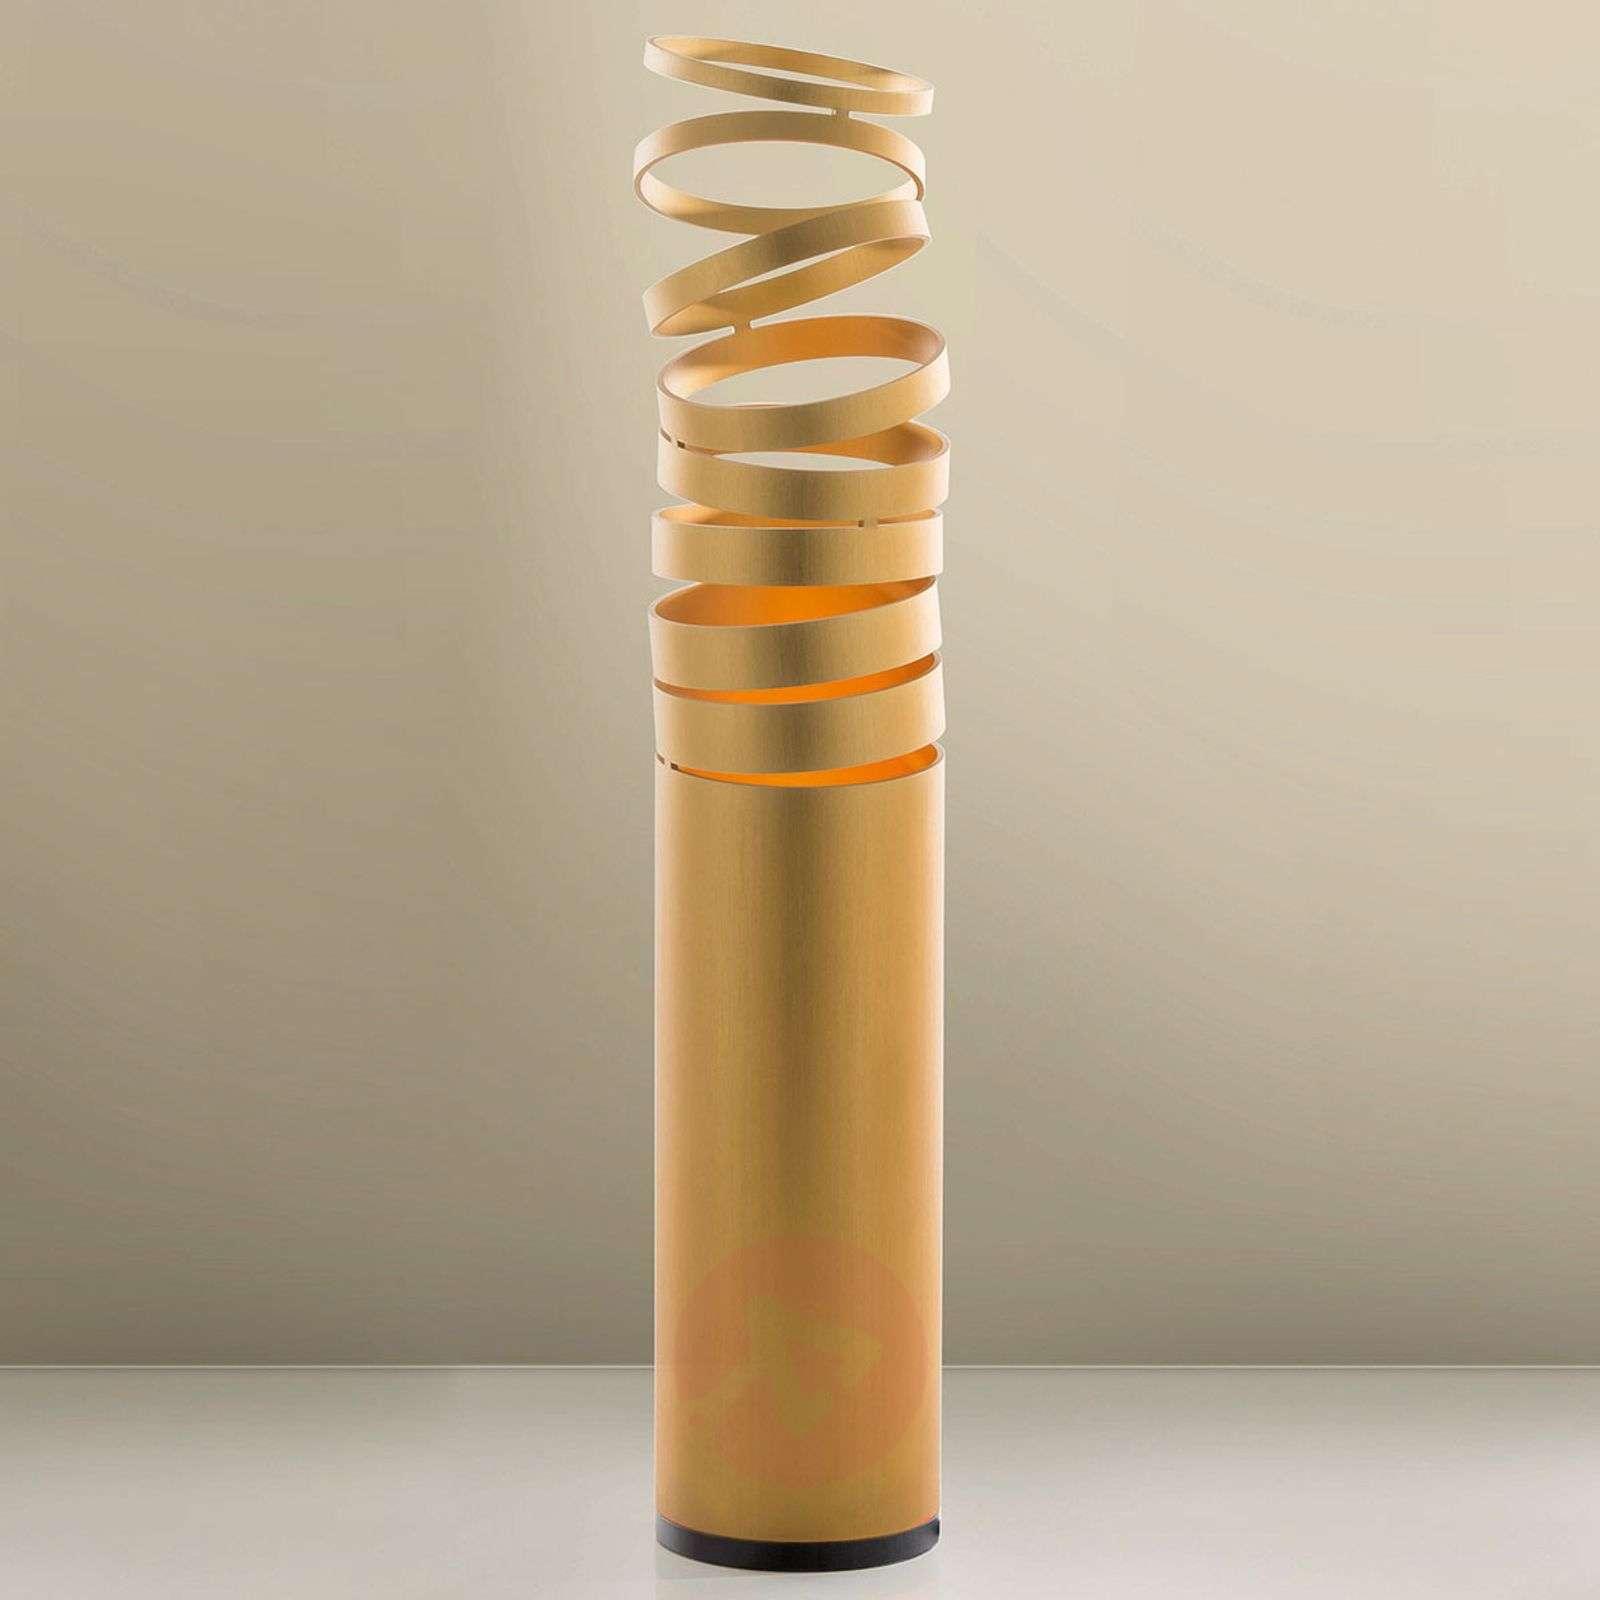 Artemide Decomposé table lamp-1060151X-01